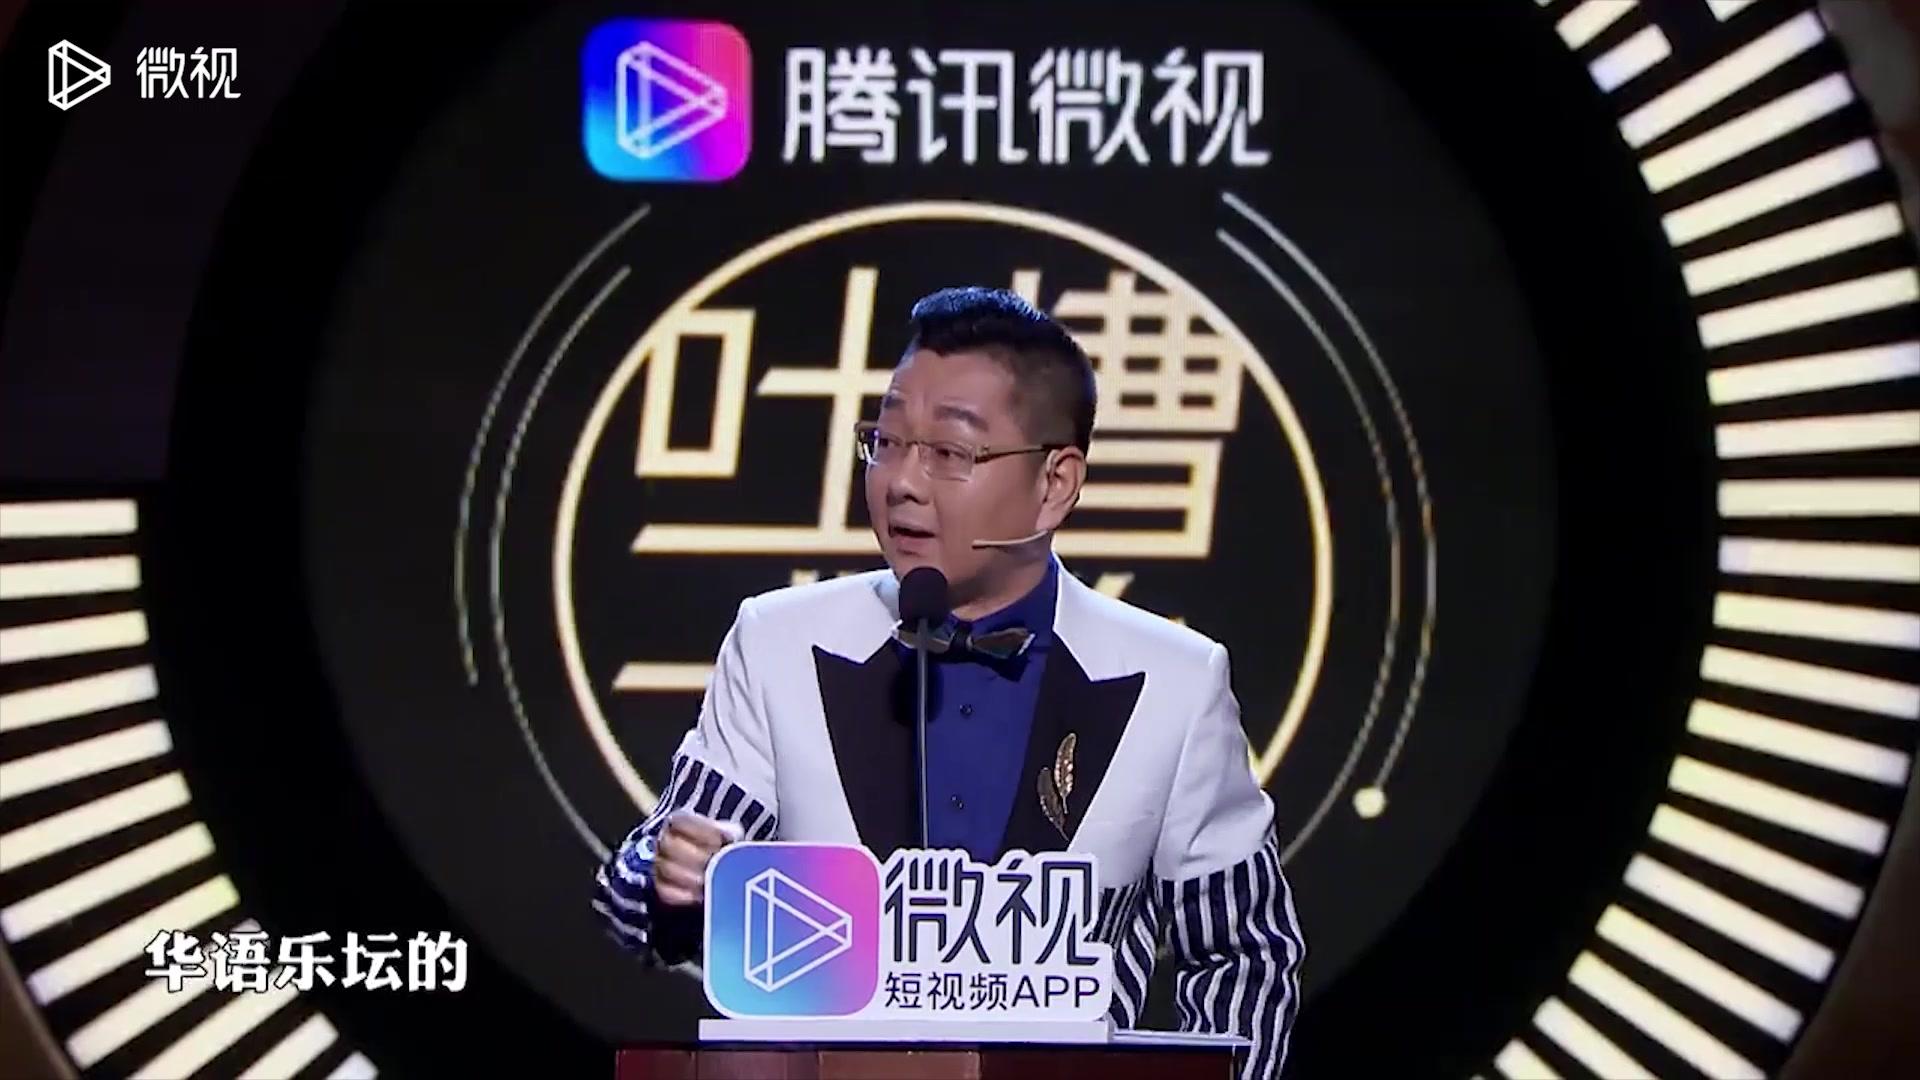 【吐槽大会第三季】第一期精彩片段:张绍刚cut